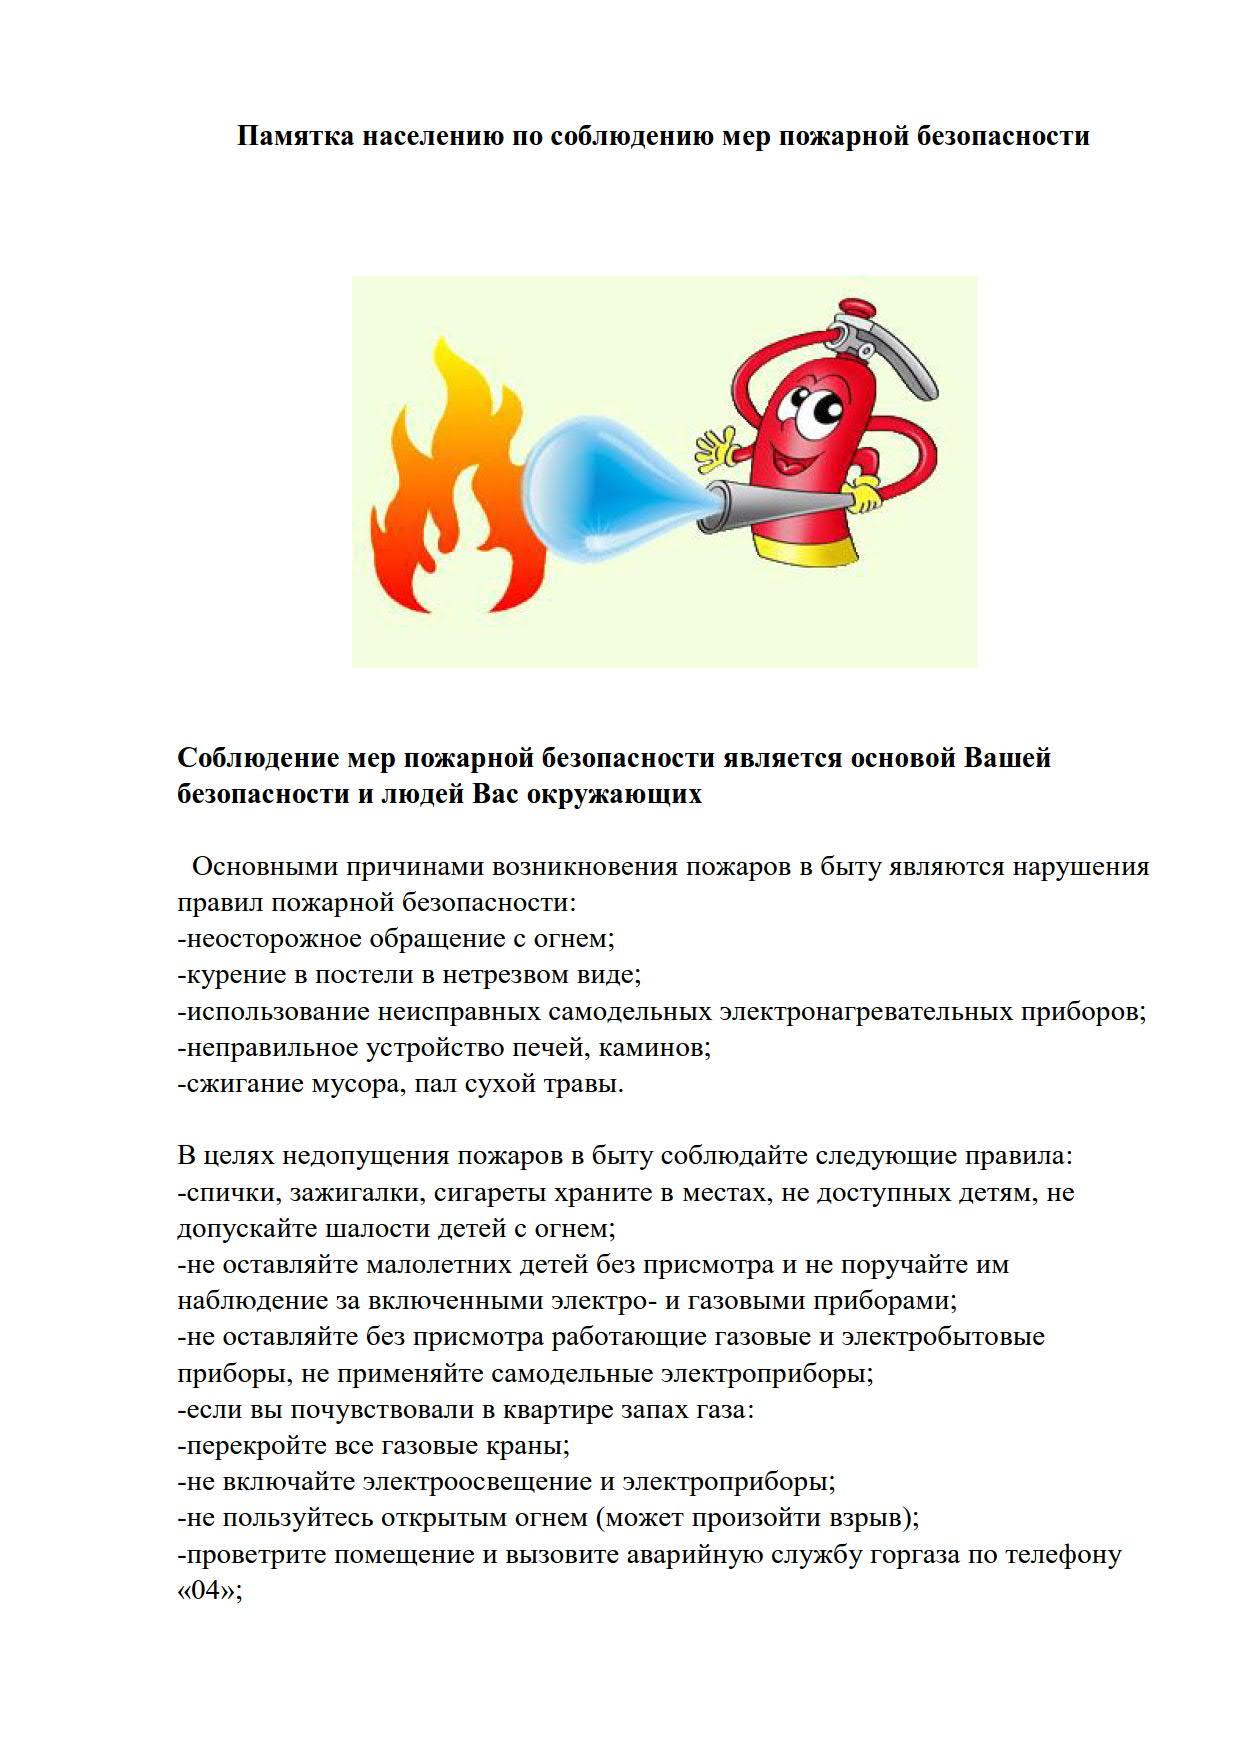 памятка по пожарной безопасности_1